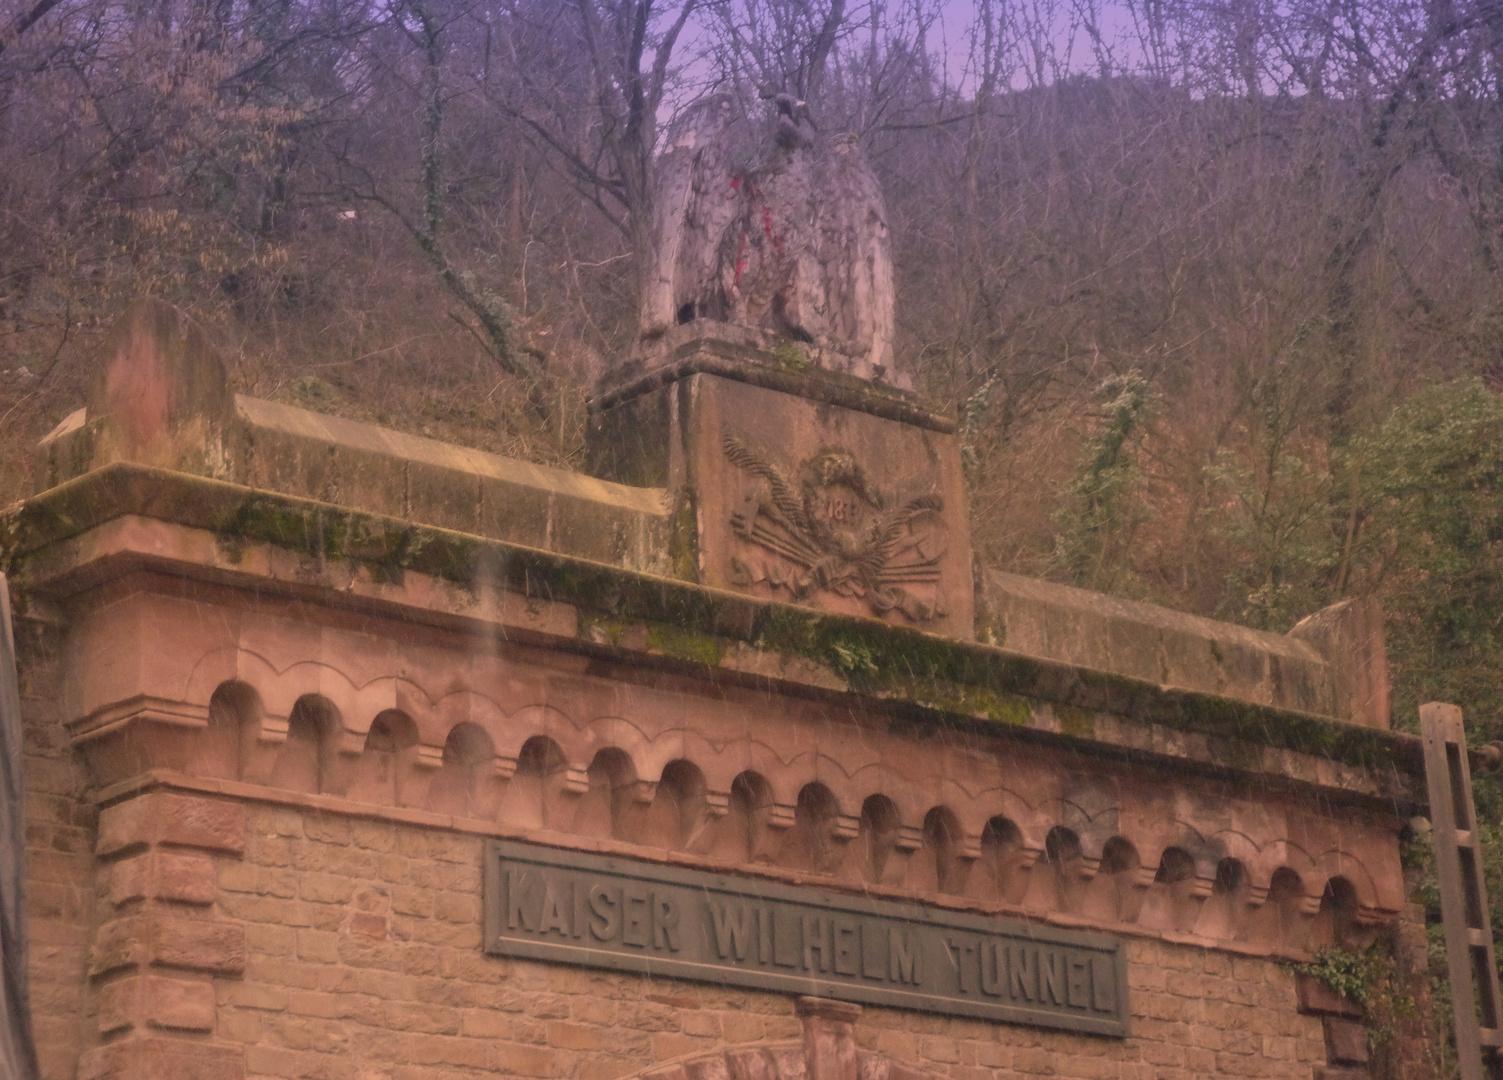 Cochem - Einfahrt zum Kaiser Wilhelm-Tunnel erbaut 1877